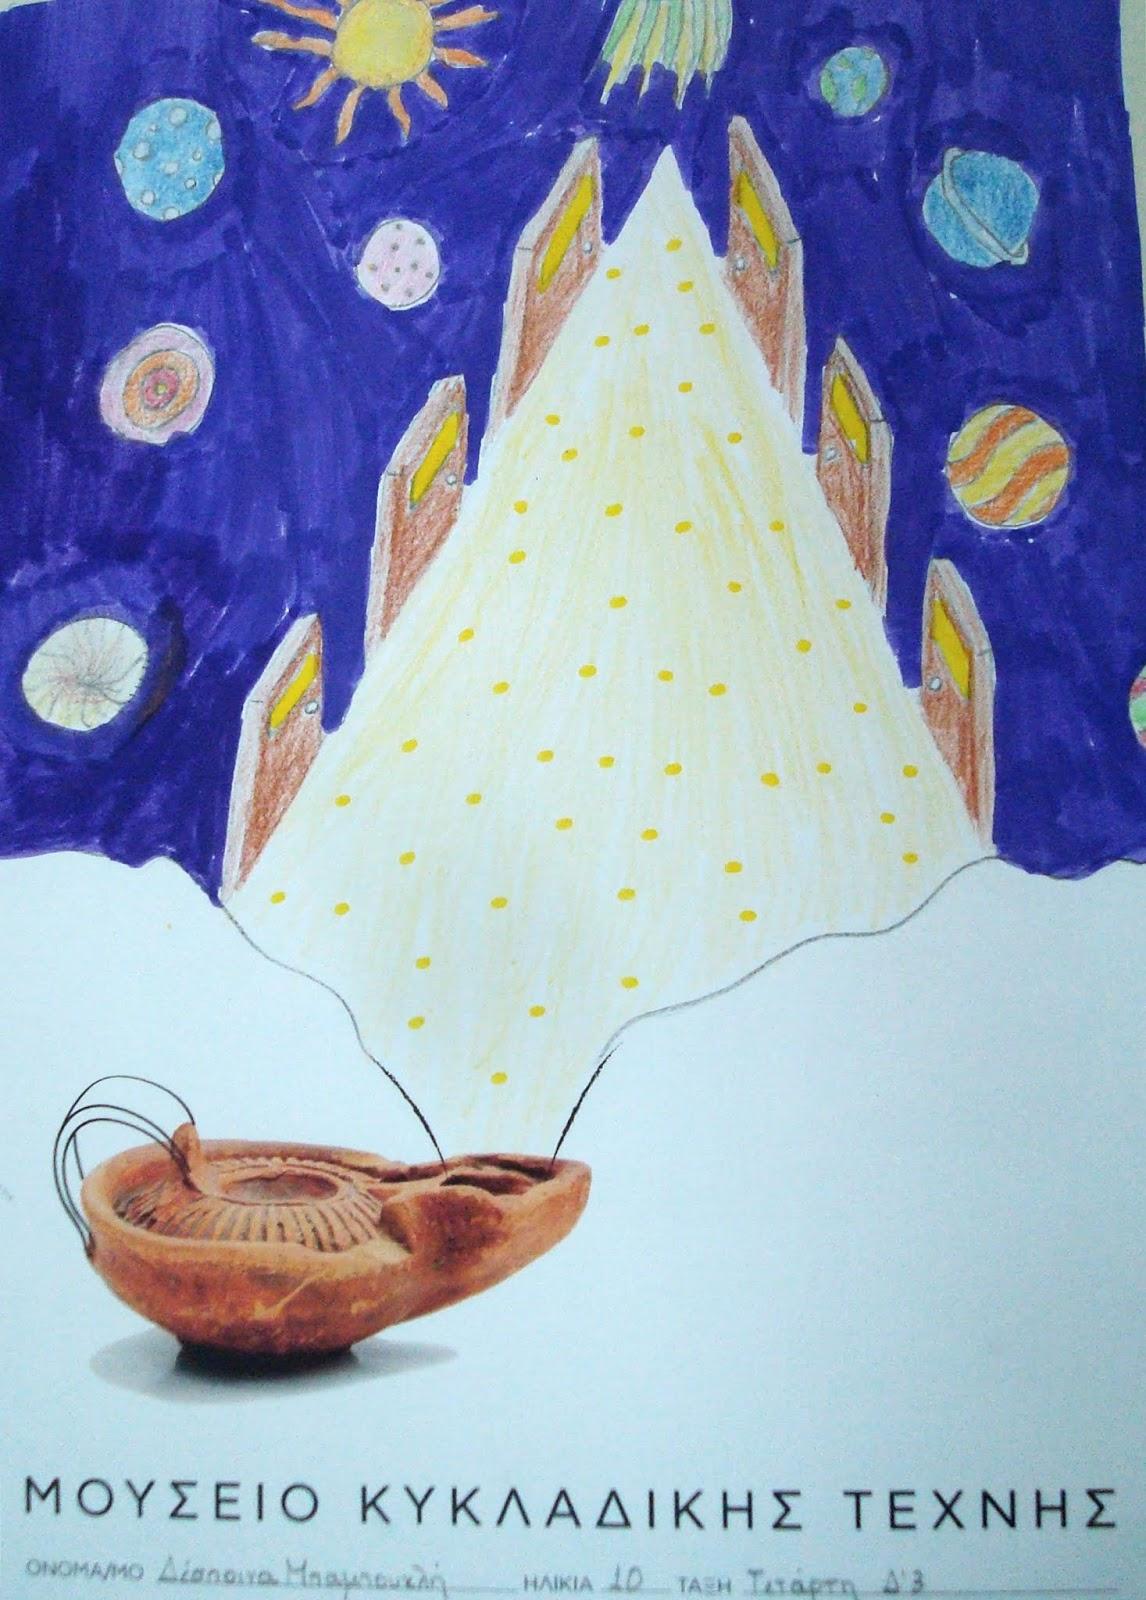 Βράβευση μαθήτριας του εργαστηρίου της Δημοτικής Πινακοθήκης Λάρισας σε πανελλήνιο διαγωνισμό του Μουσείου Κυκλαδικής Τέχνης